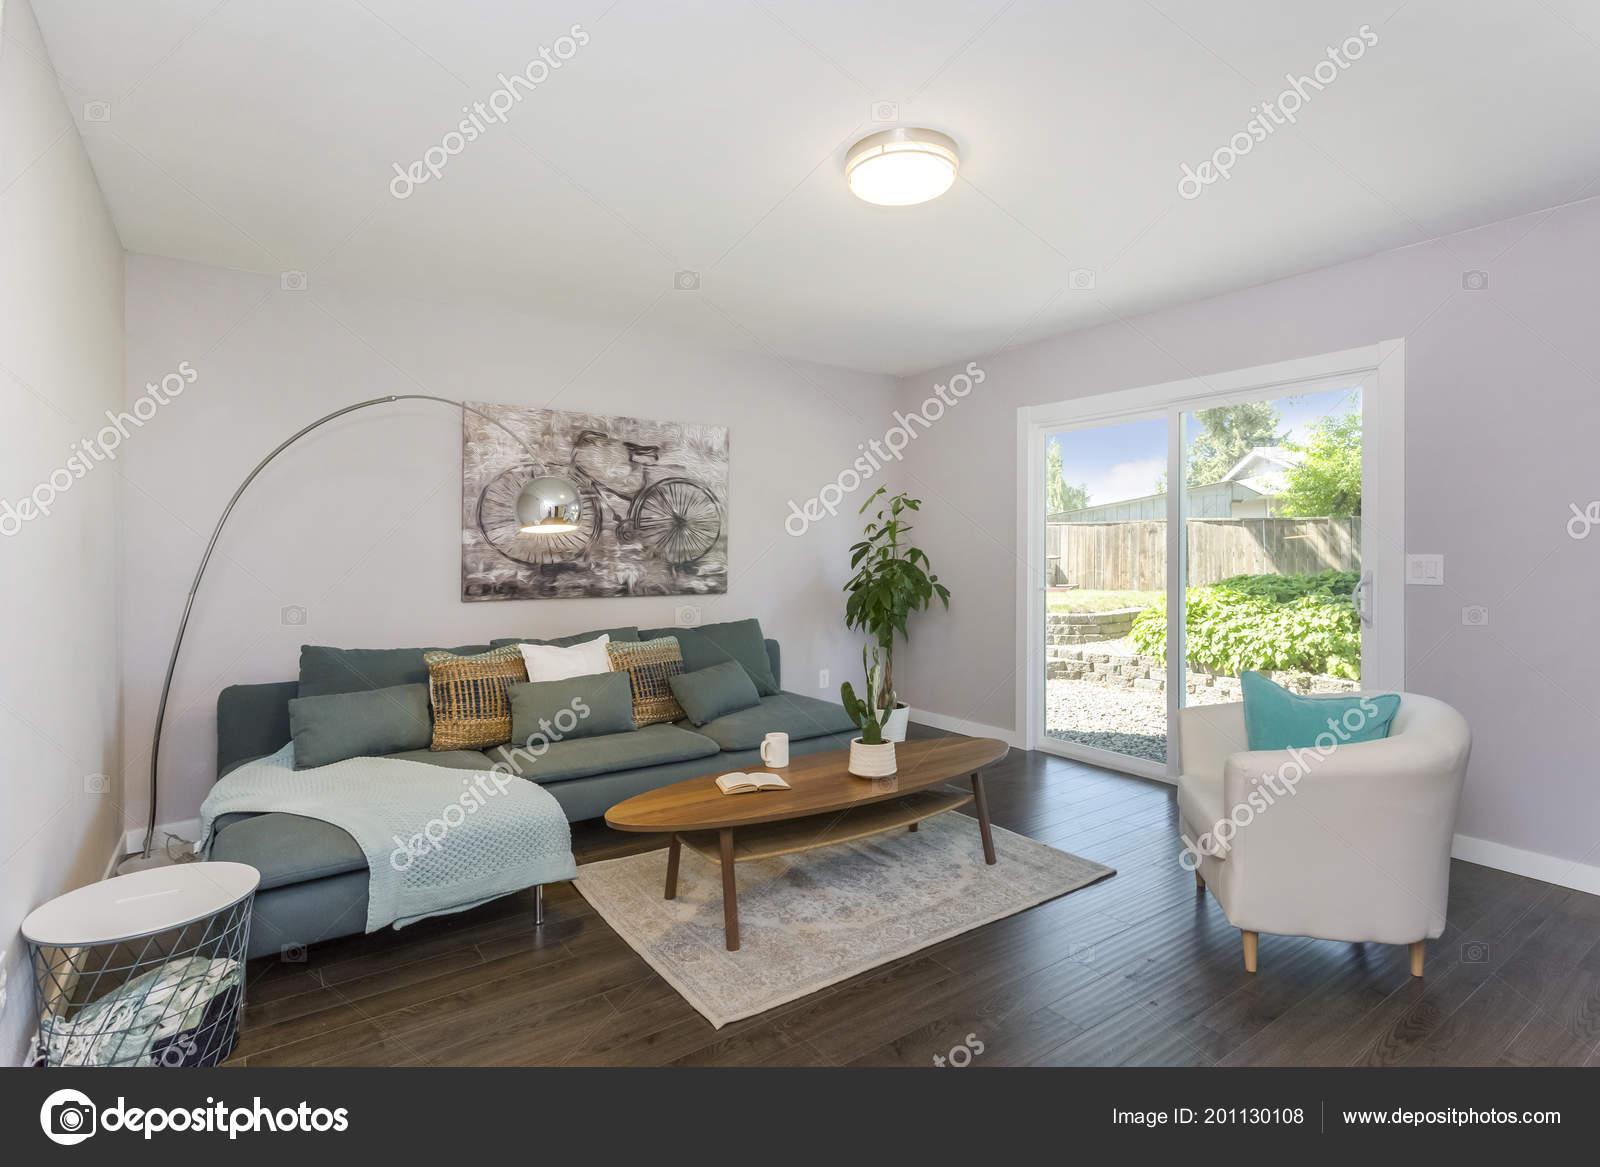 Soggiorno moderno con grandi porte vetro divano verde u foto stock